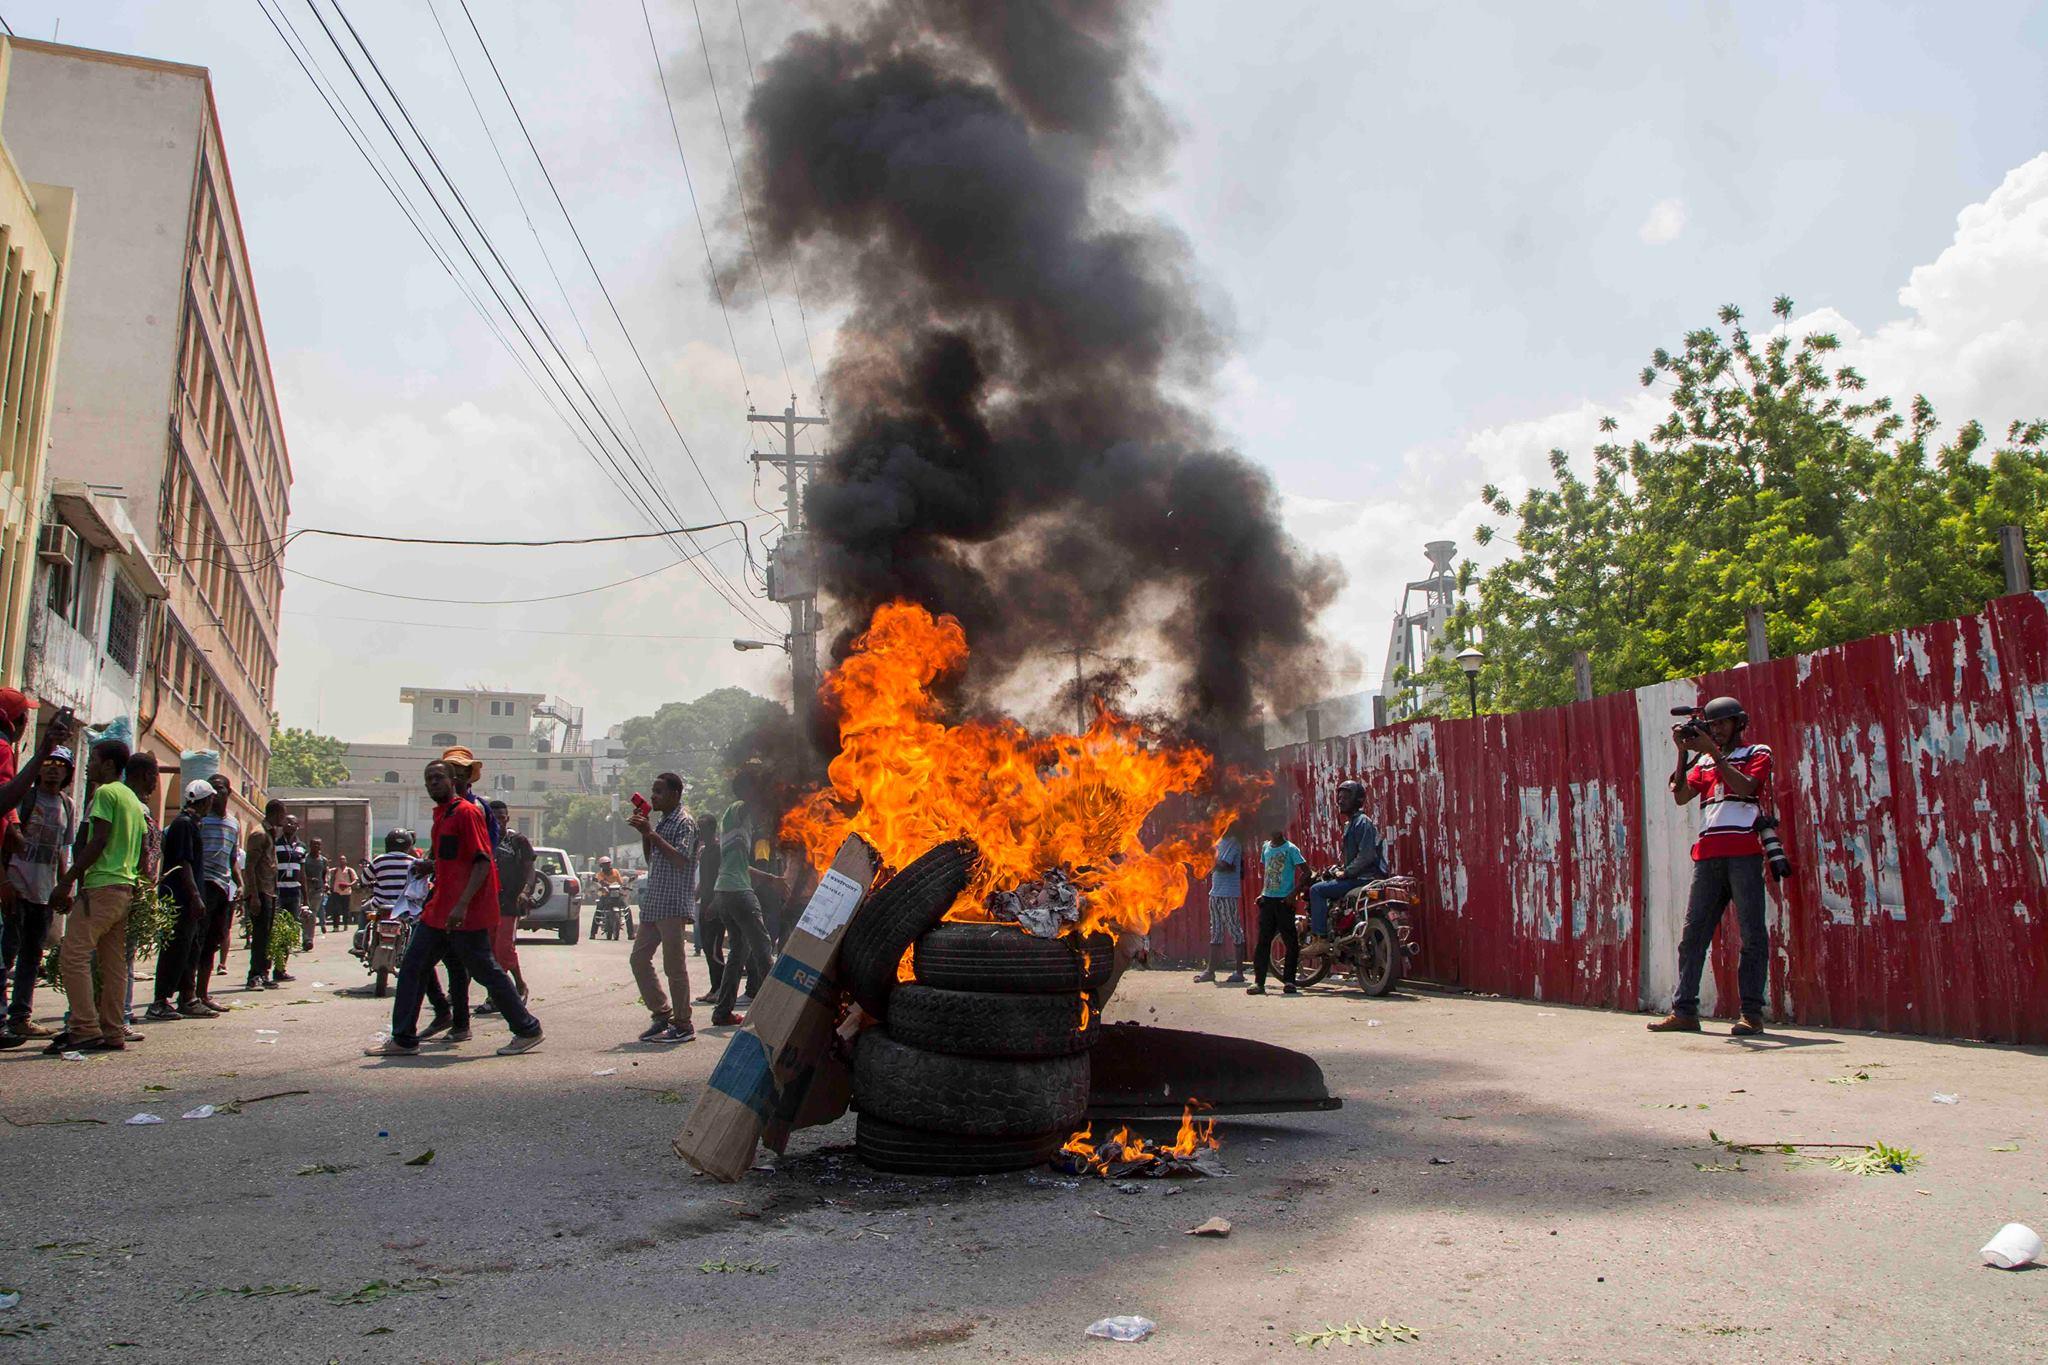 Pneus enflammés au Centre-Ville, non loin du Palais National, dans le cadre des mouvement de protestation contre le président Jovenel Moise.